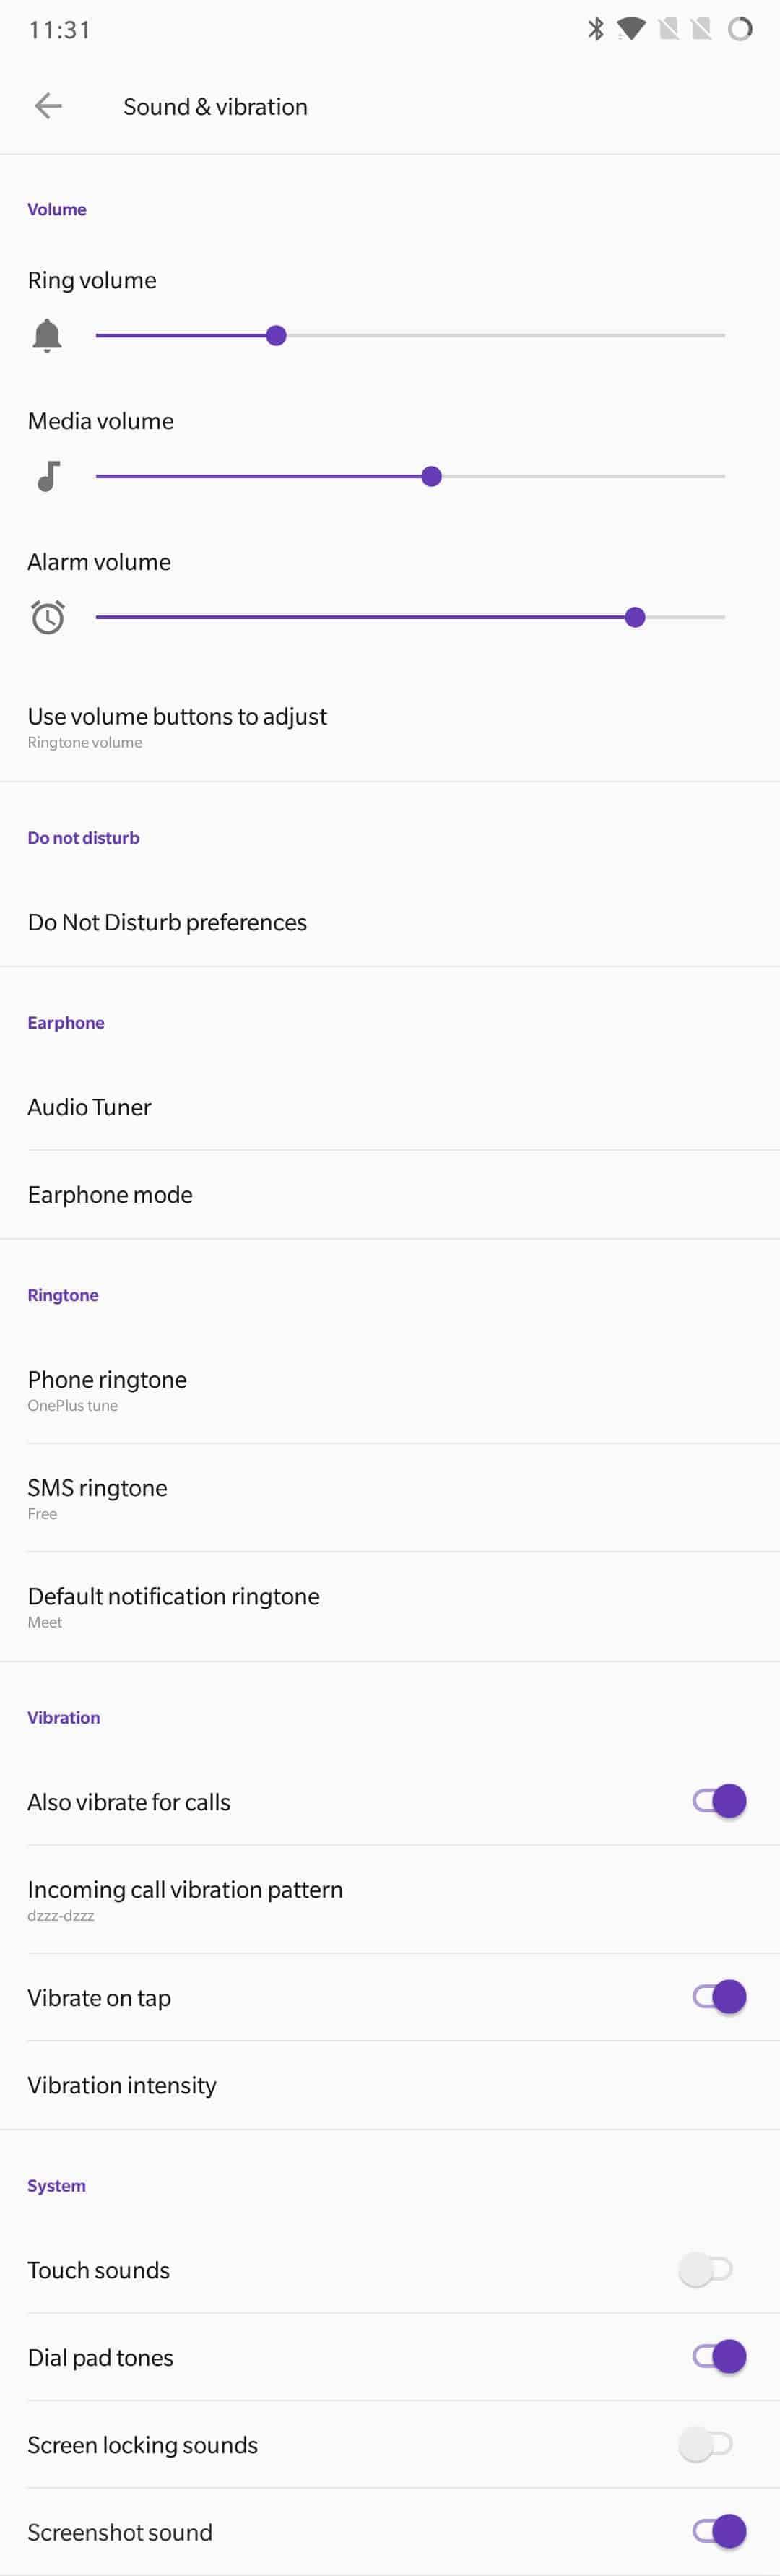 OnePlus 6 AH NS Screenshots sound 1